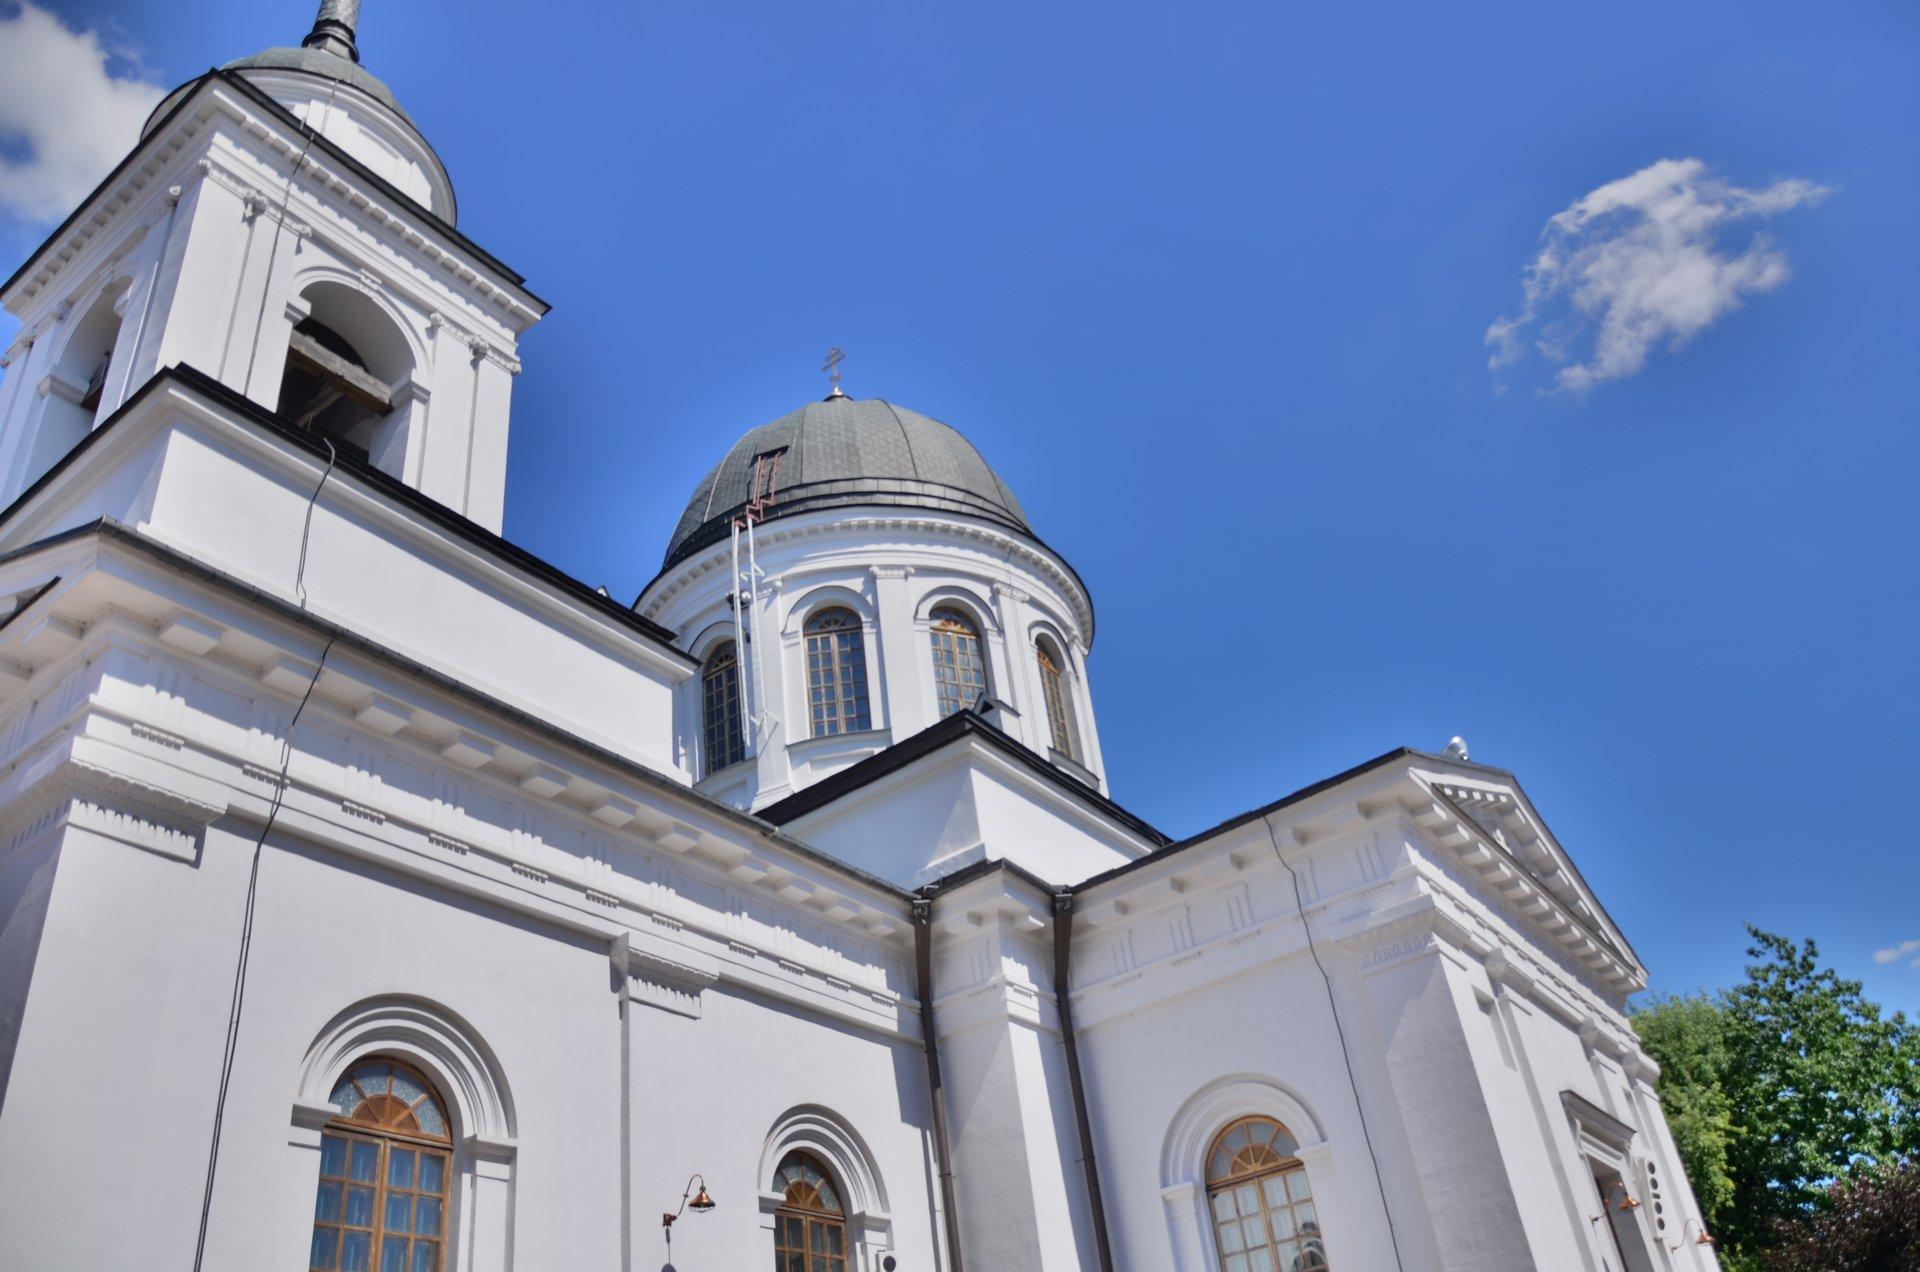 Białystok św. Mikołaja cerkiew prawosławie religiafree photo darmowe zdjęcie